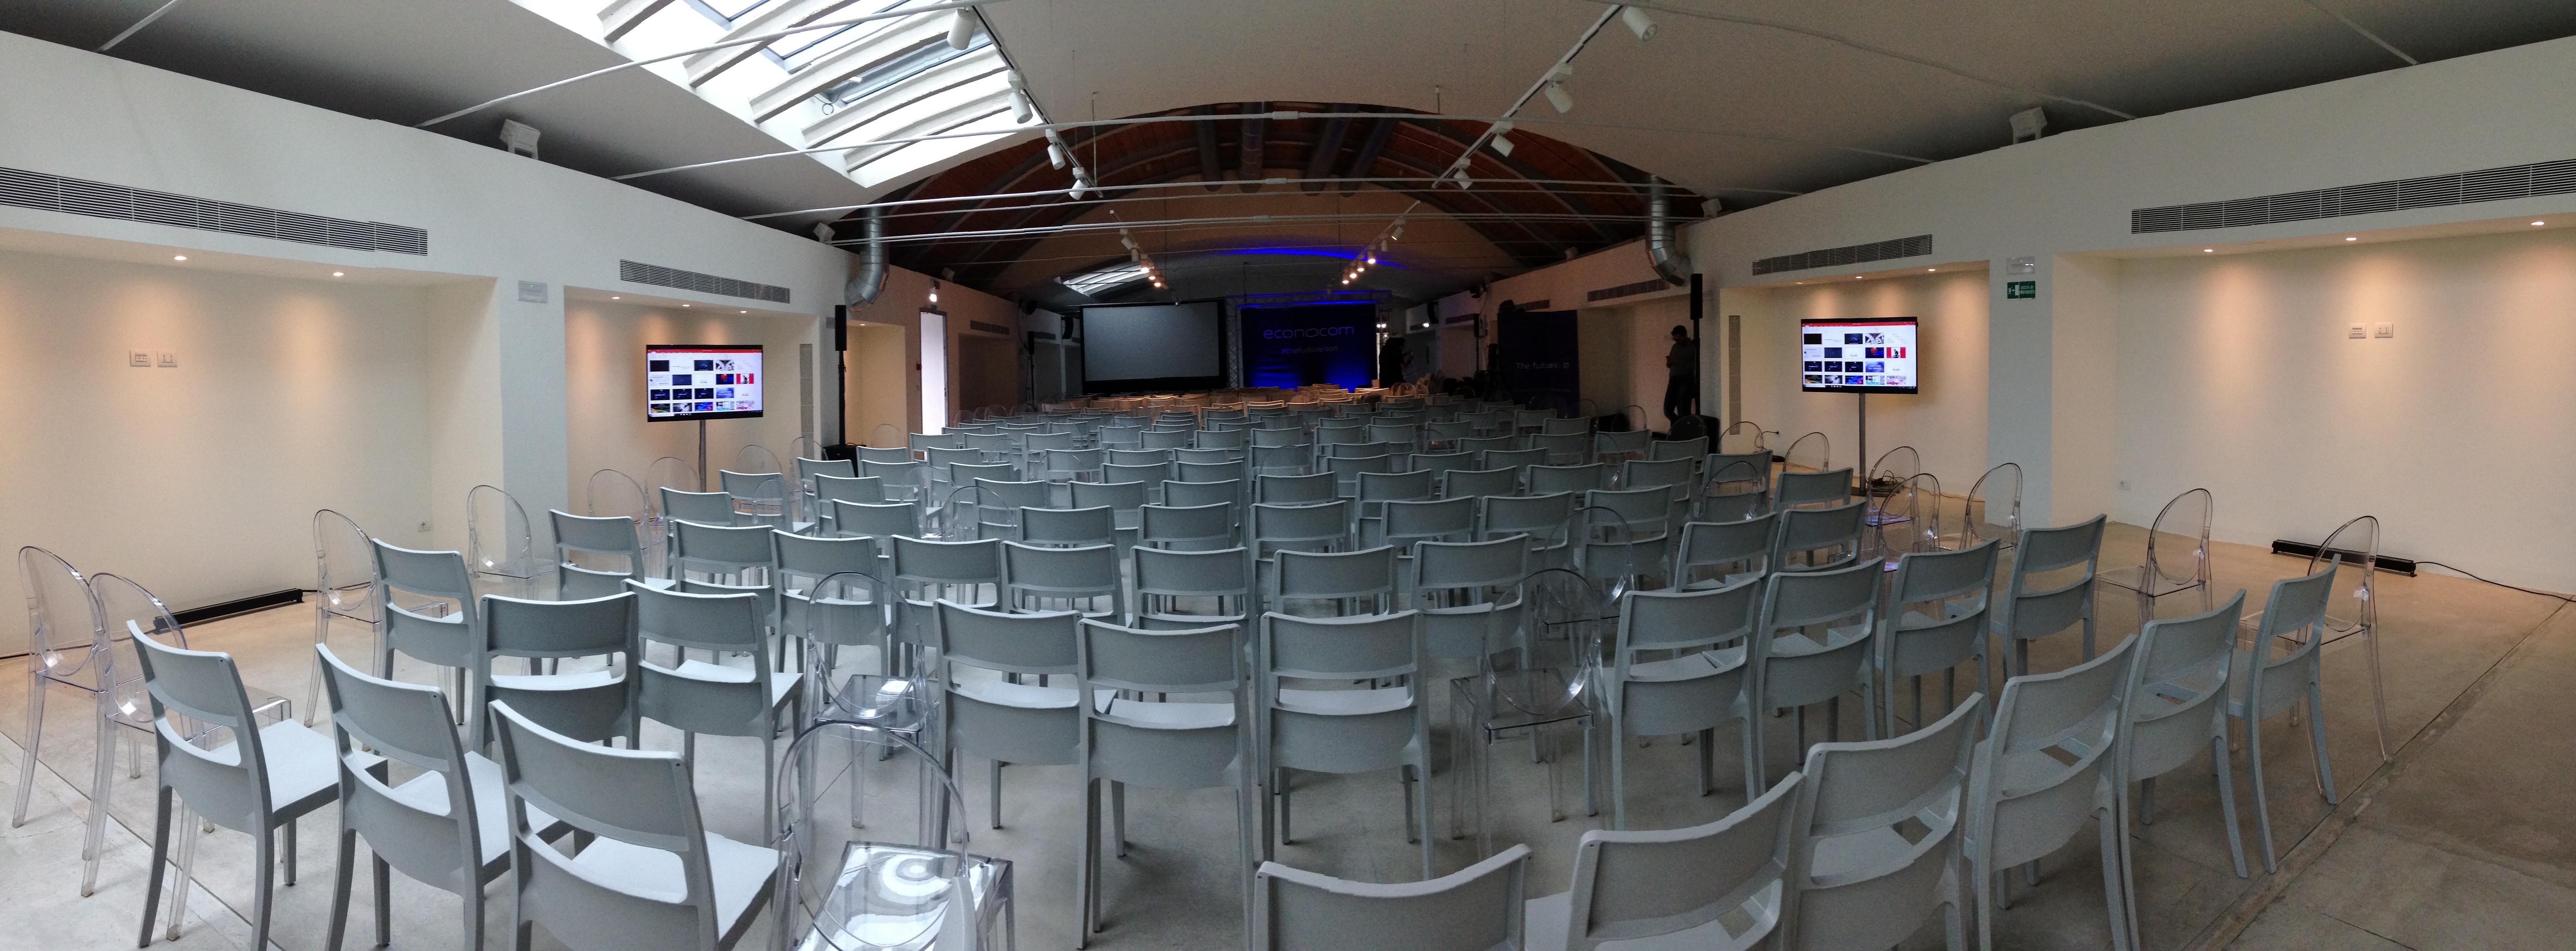 Econocom Theatre